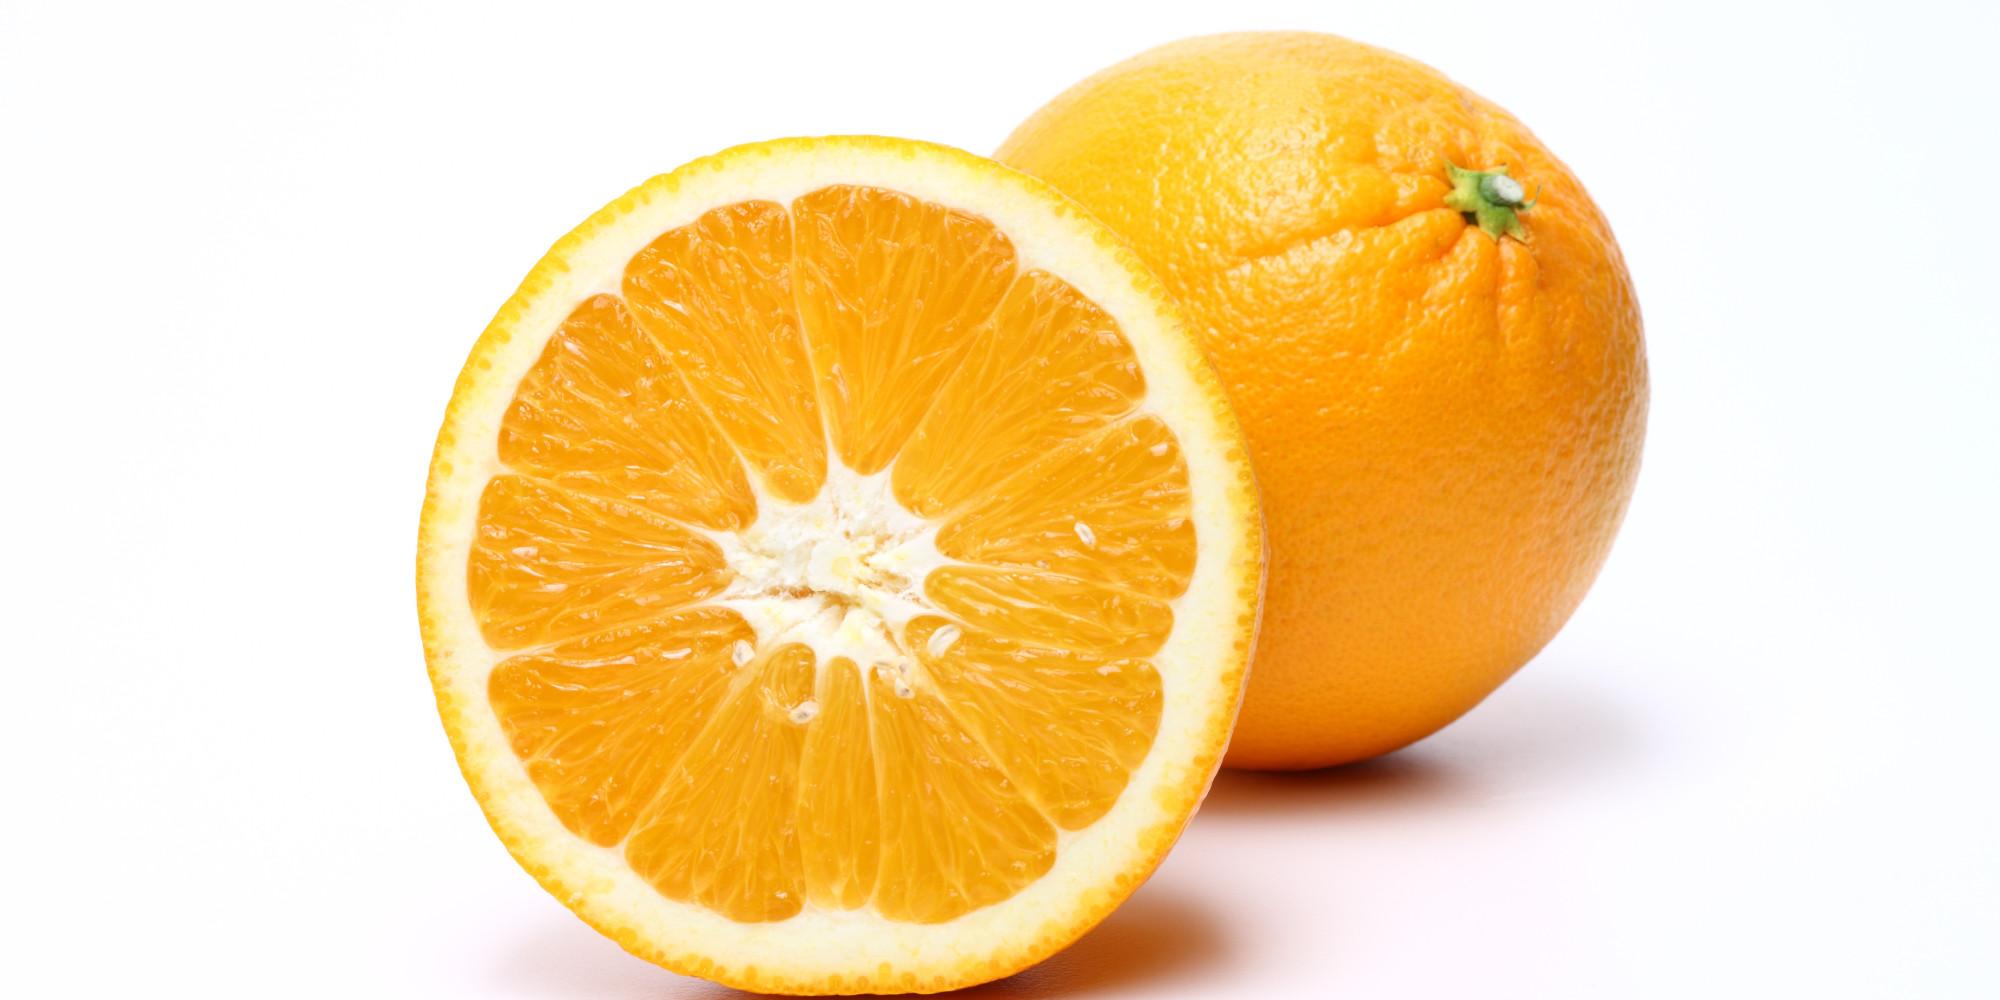 Обработка кожи апельсиновыми корками приводит к растворению защитного слоя